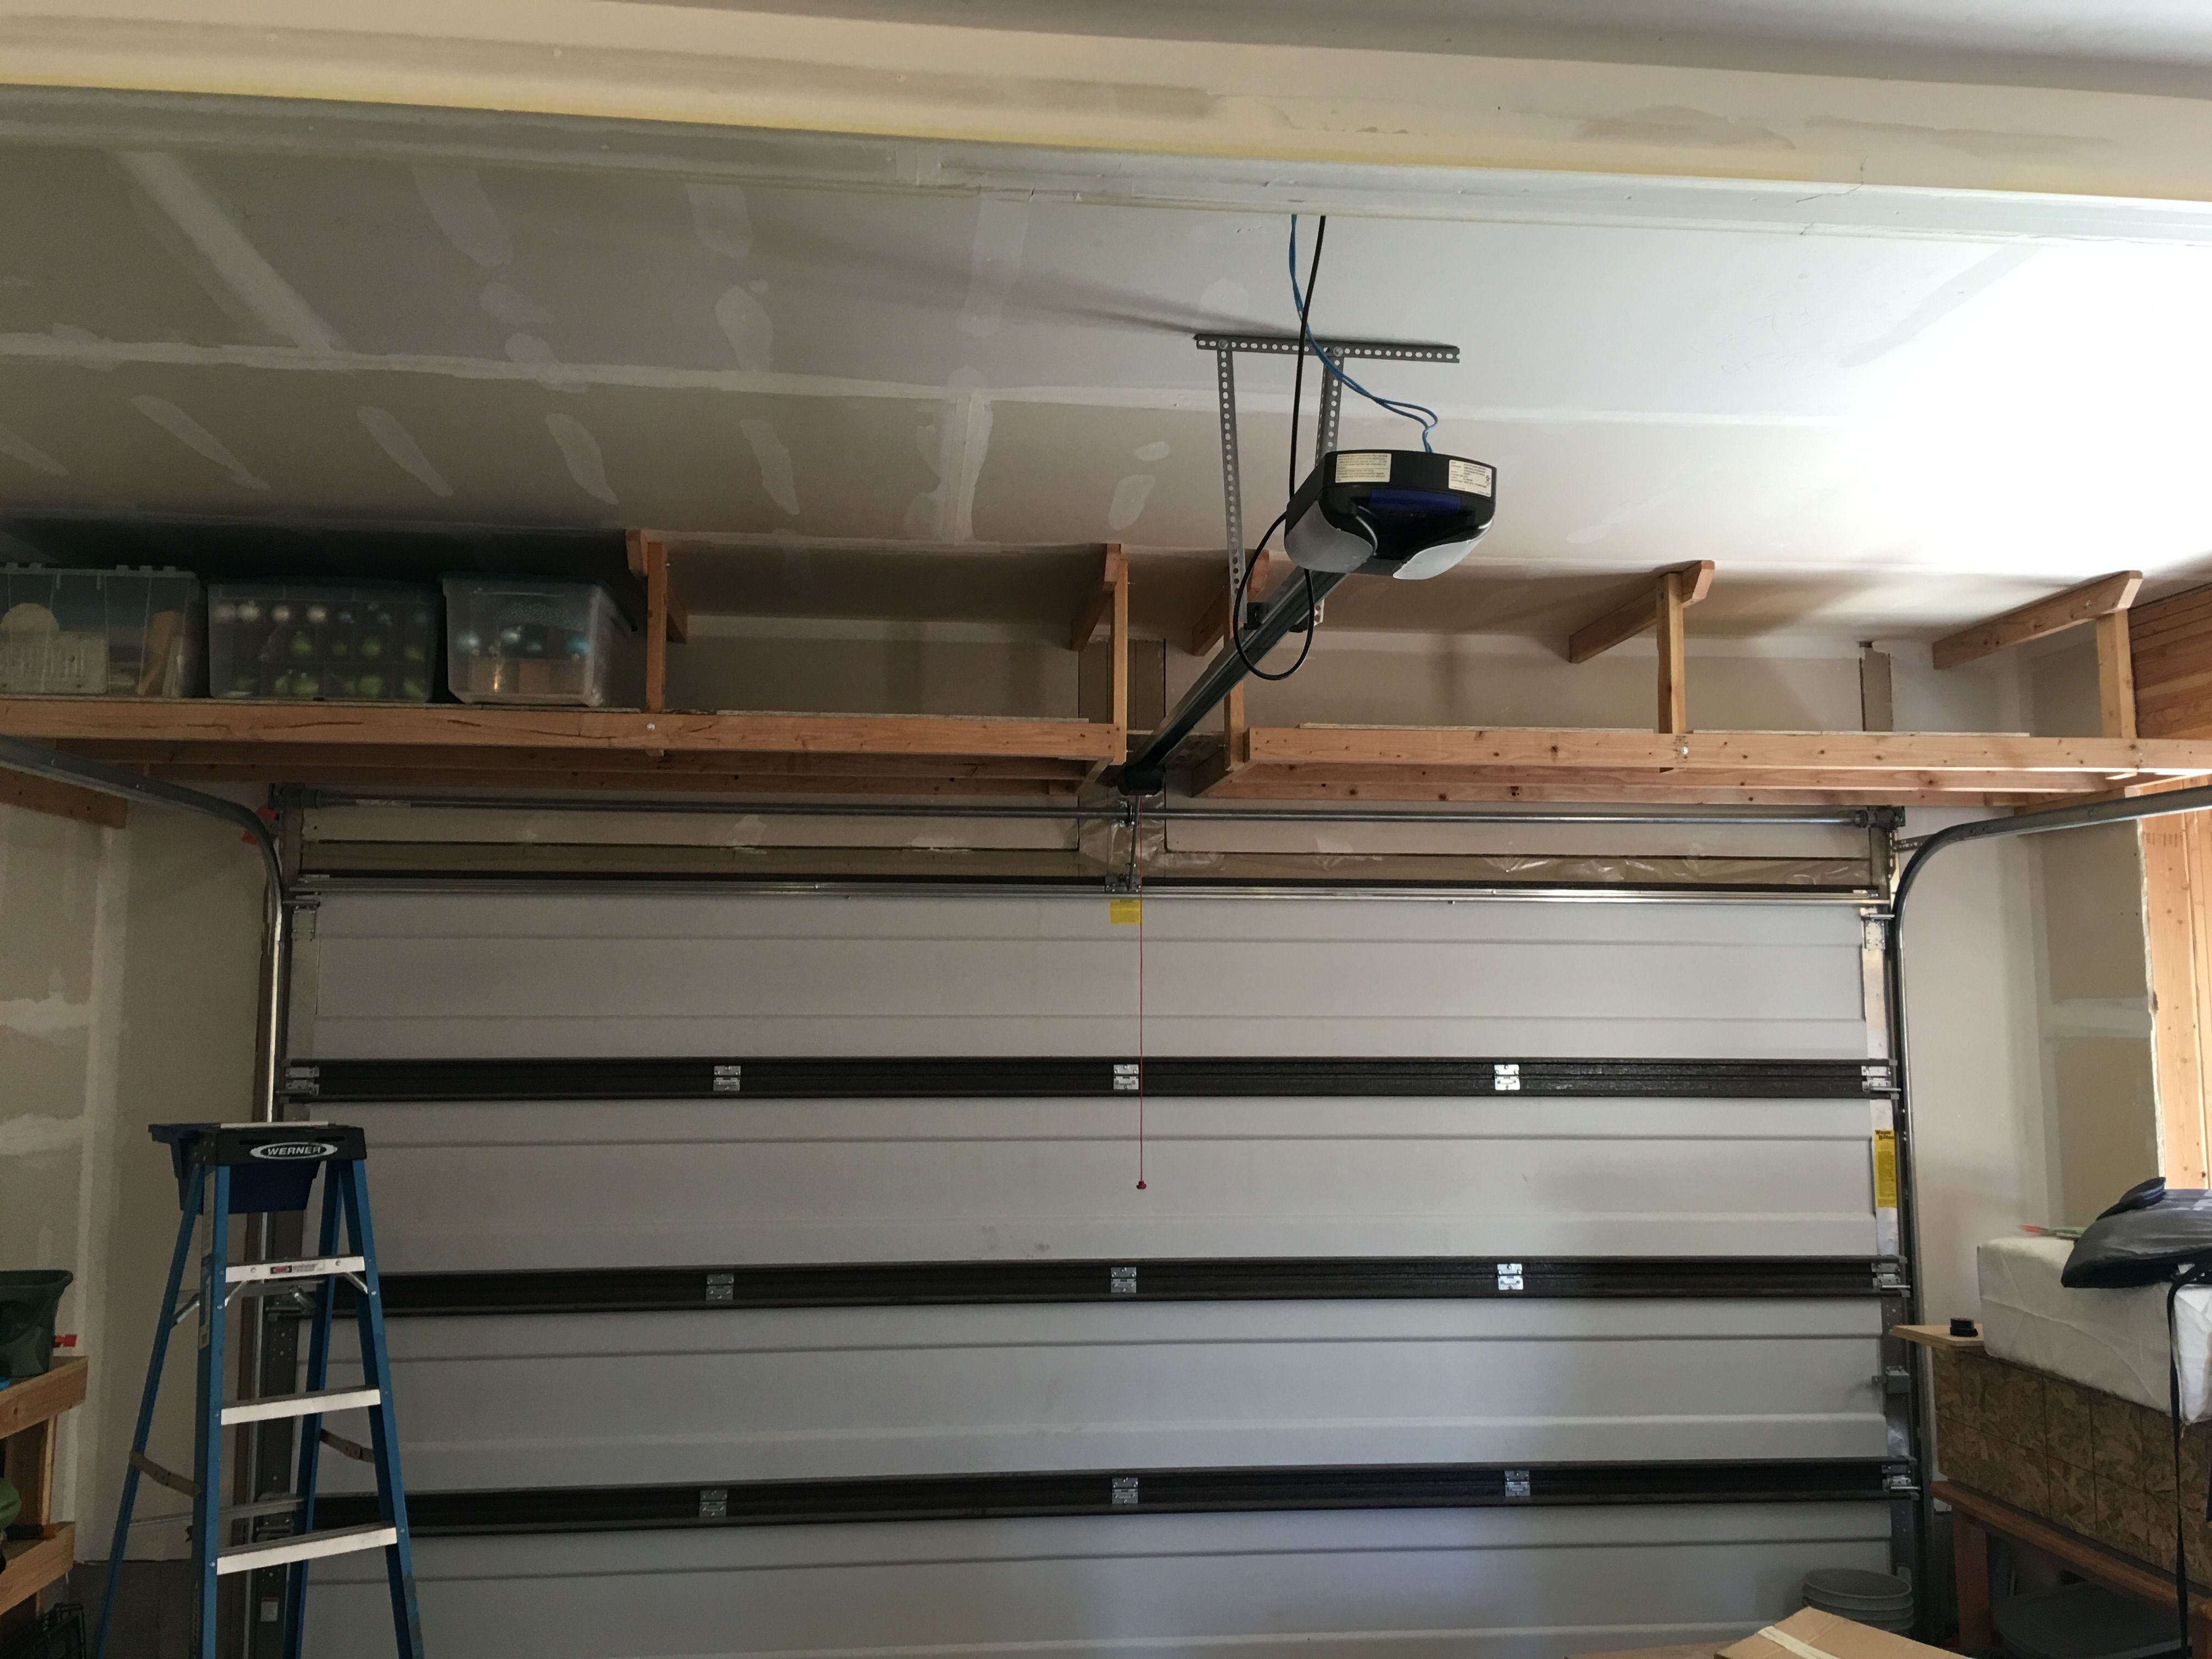 2 X 4 Overhead Garage Storage Quickcrafter Best Of